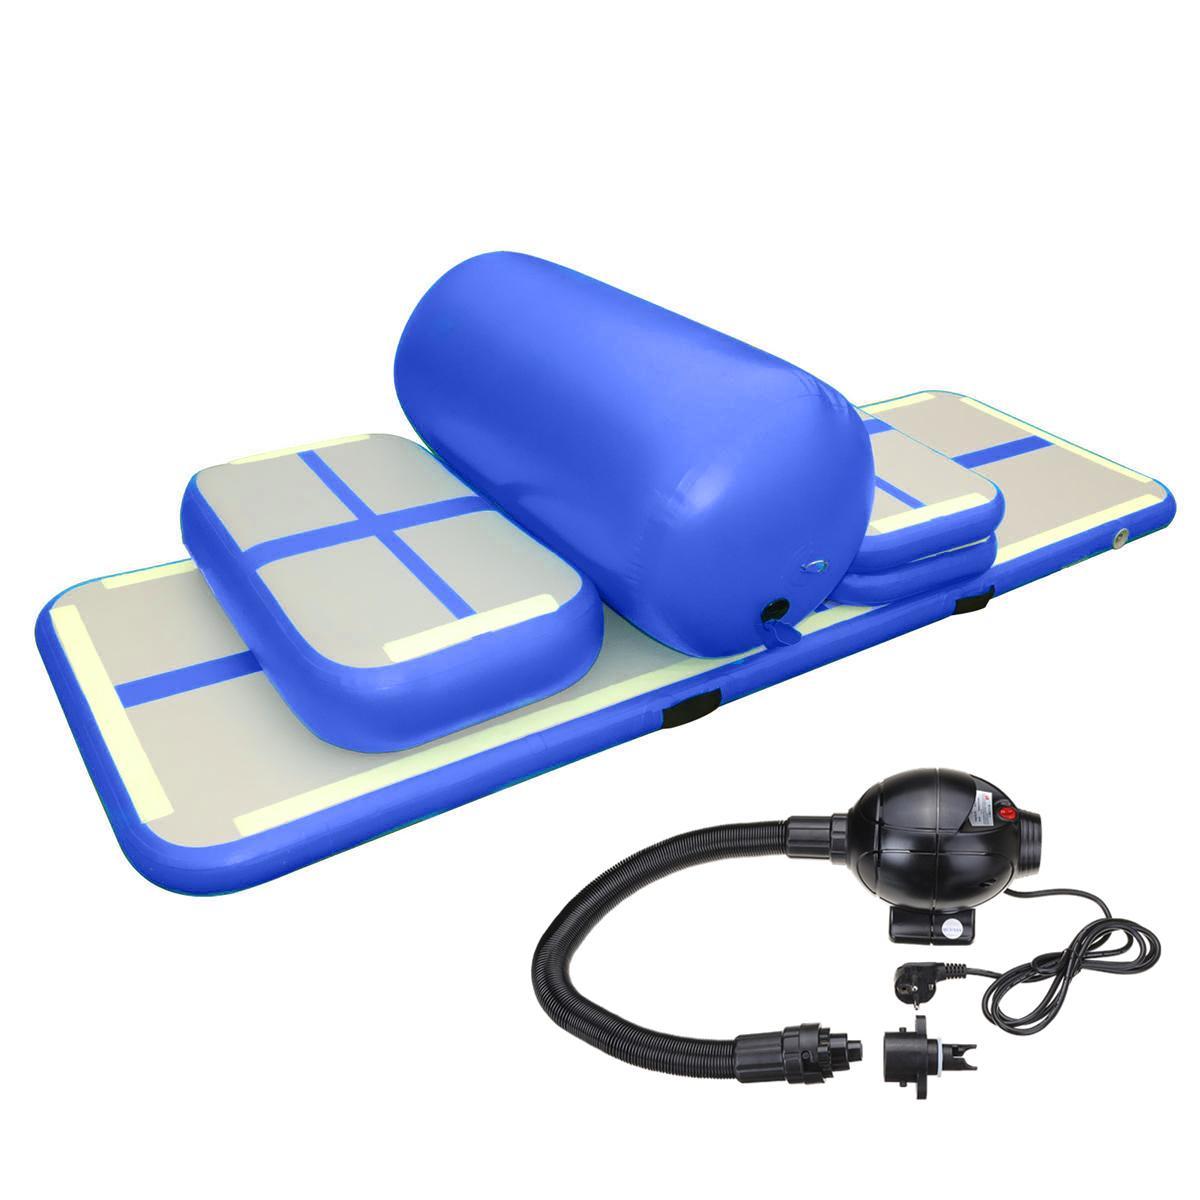 Freies Verschiffen Freie Pumpe Aufblasbare Luftkissenbahn Set Top Qualität Fitnessgeräte Für Gymnastic Inflatable Airtrack Training Set Mit Niedrigem Preis